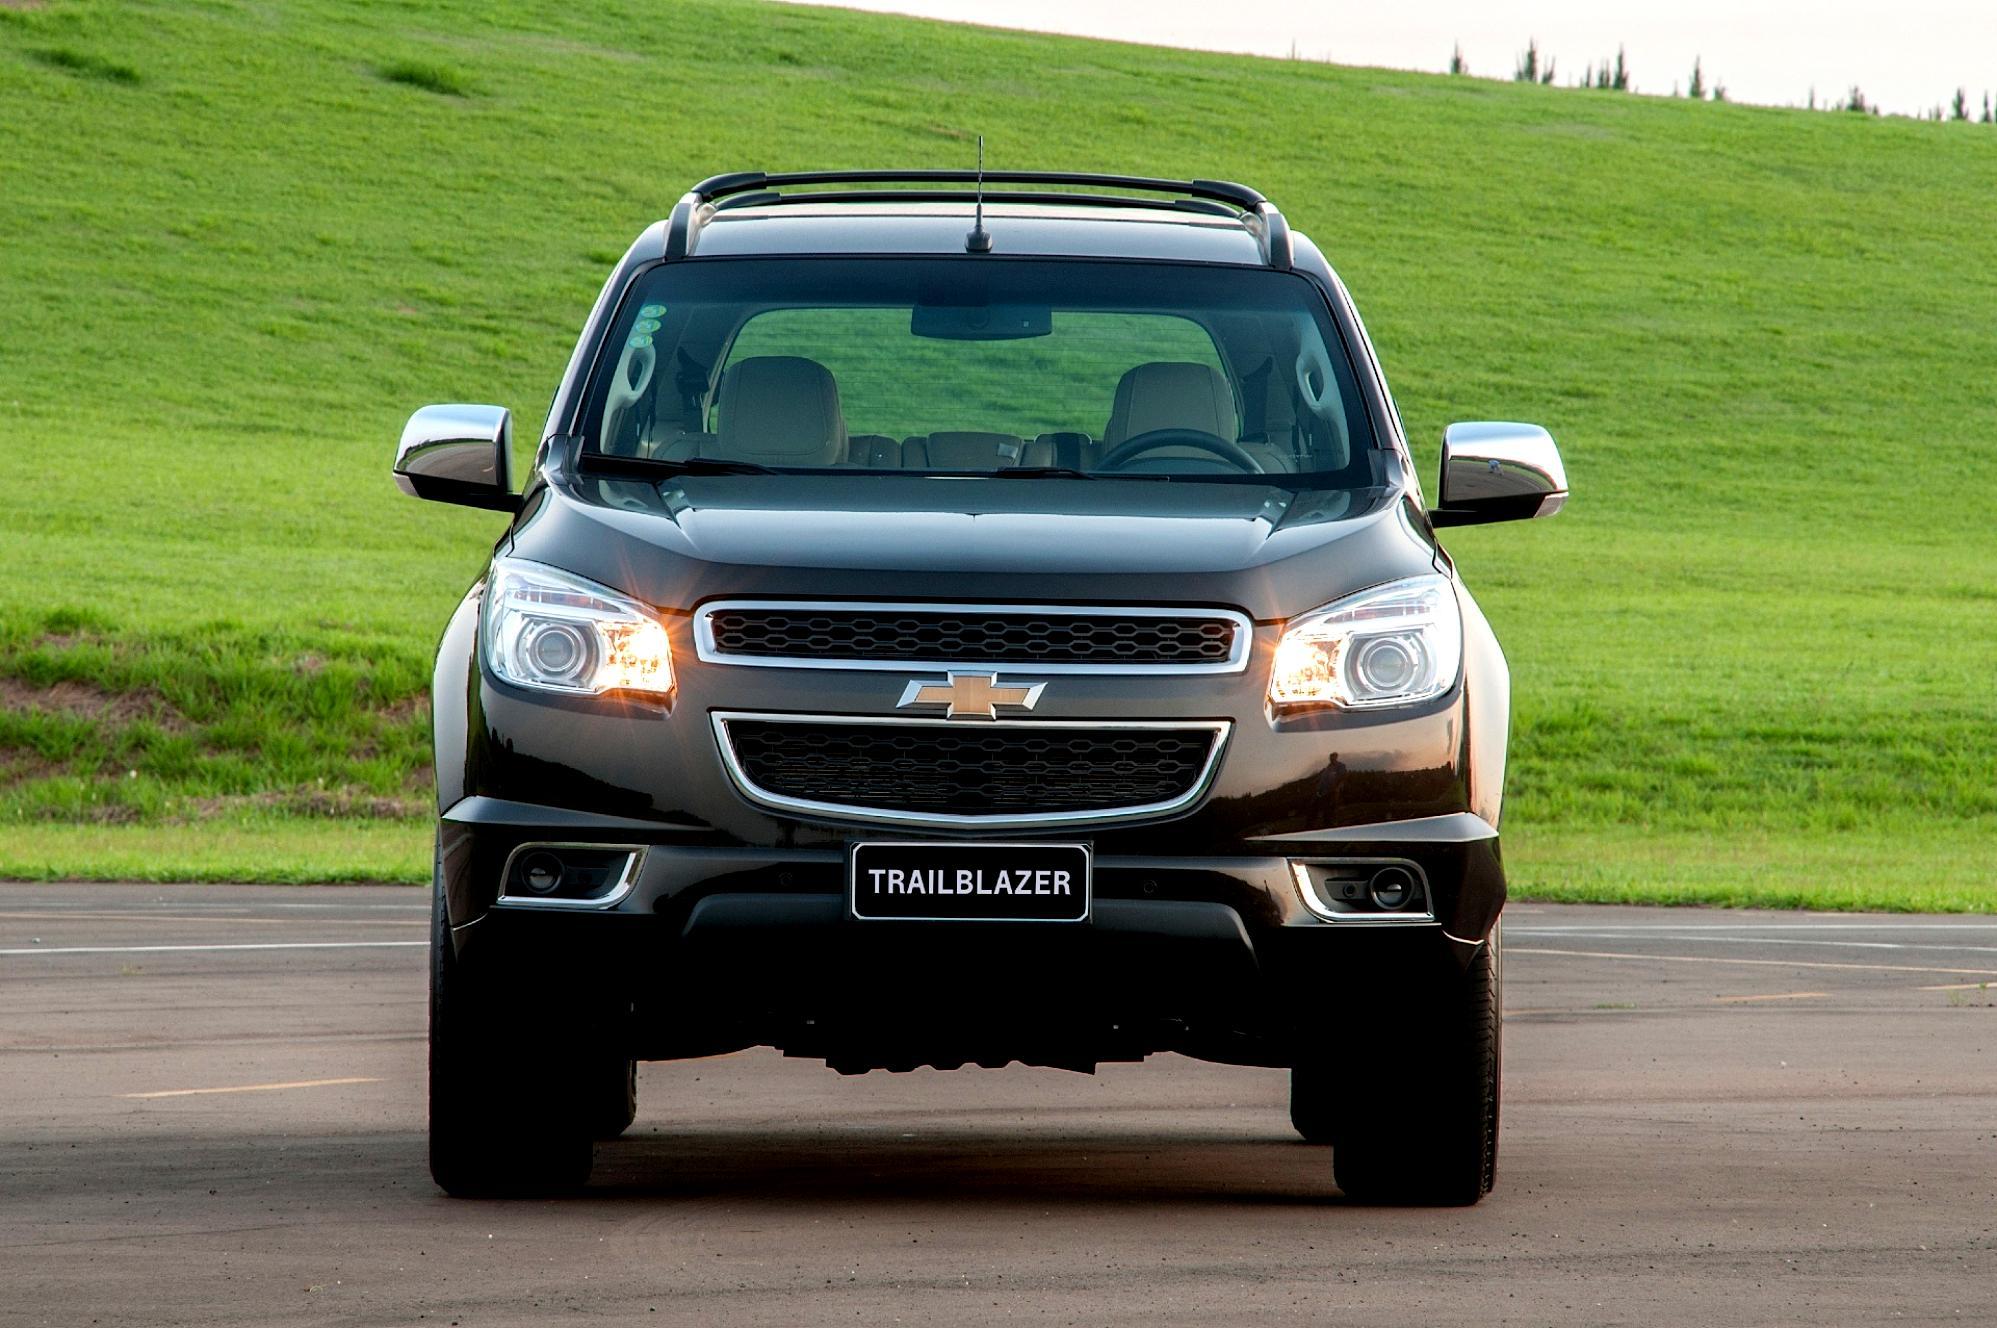 Chevrolet TrailBlazer 2012 on MotoImg.com